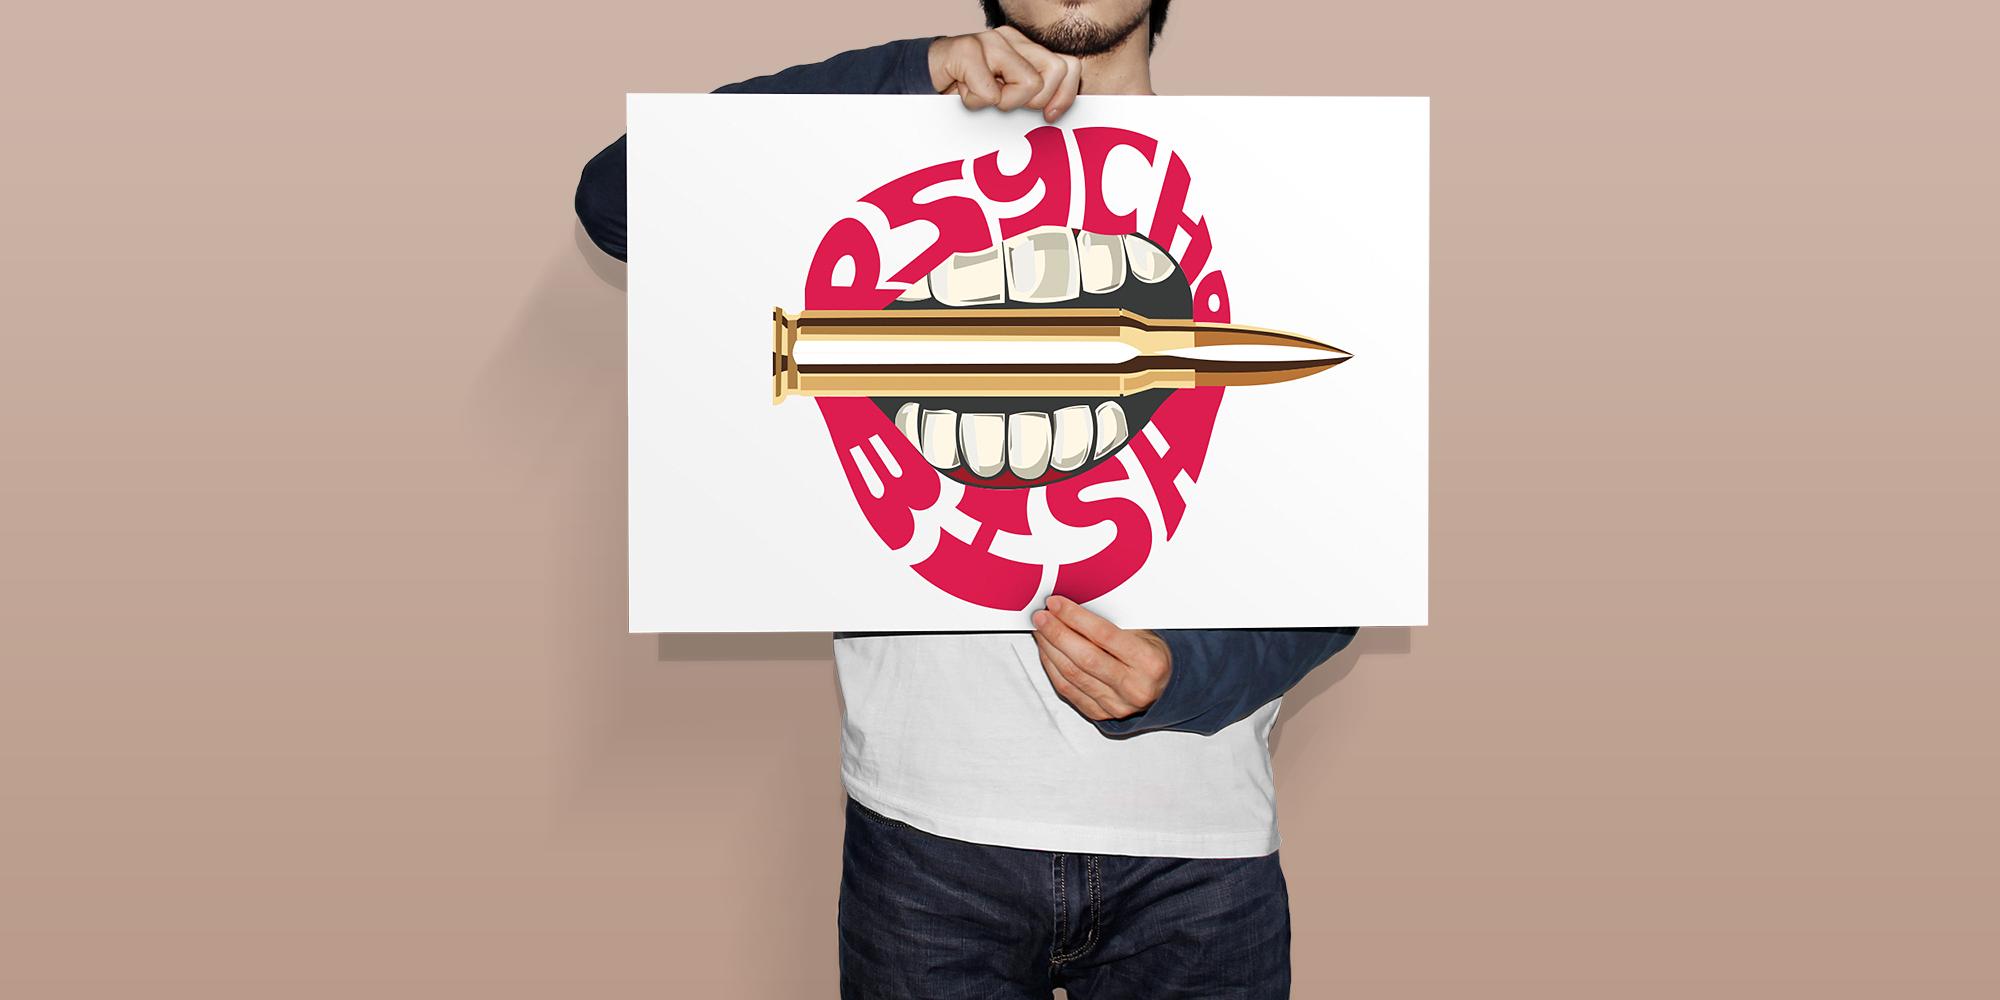 Psycho Bish Poster.png